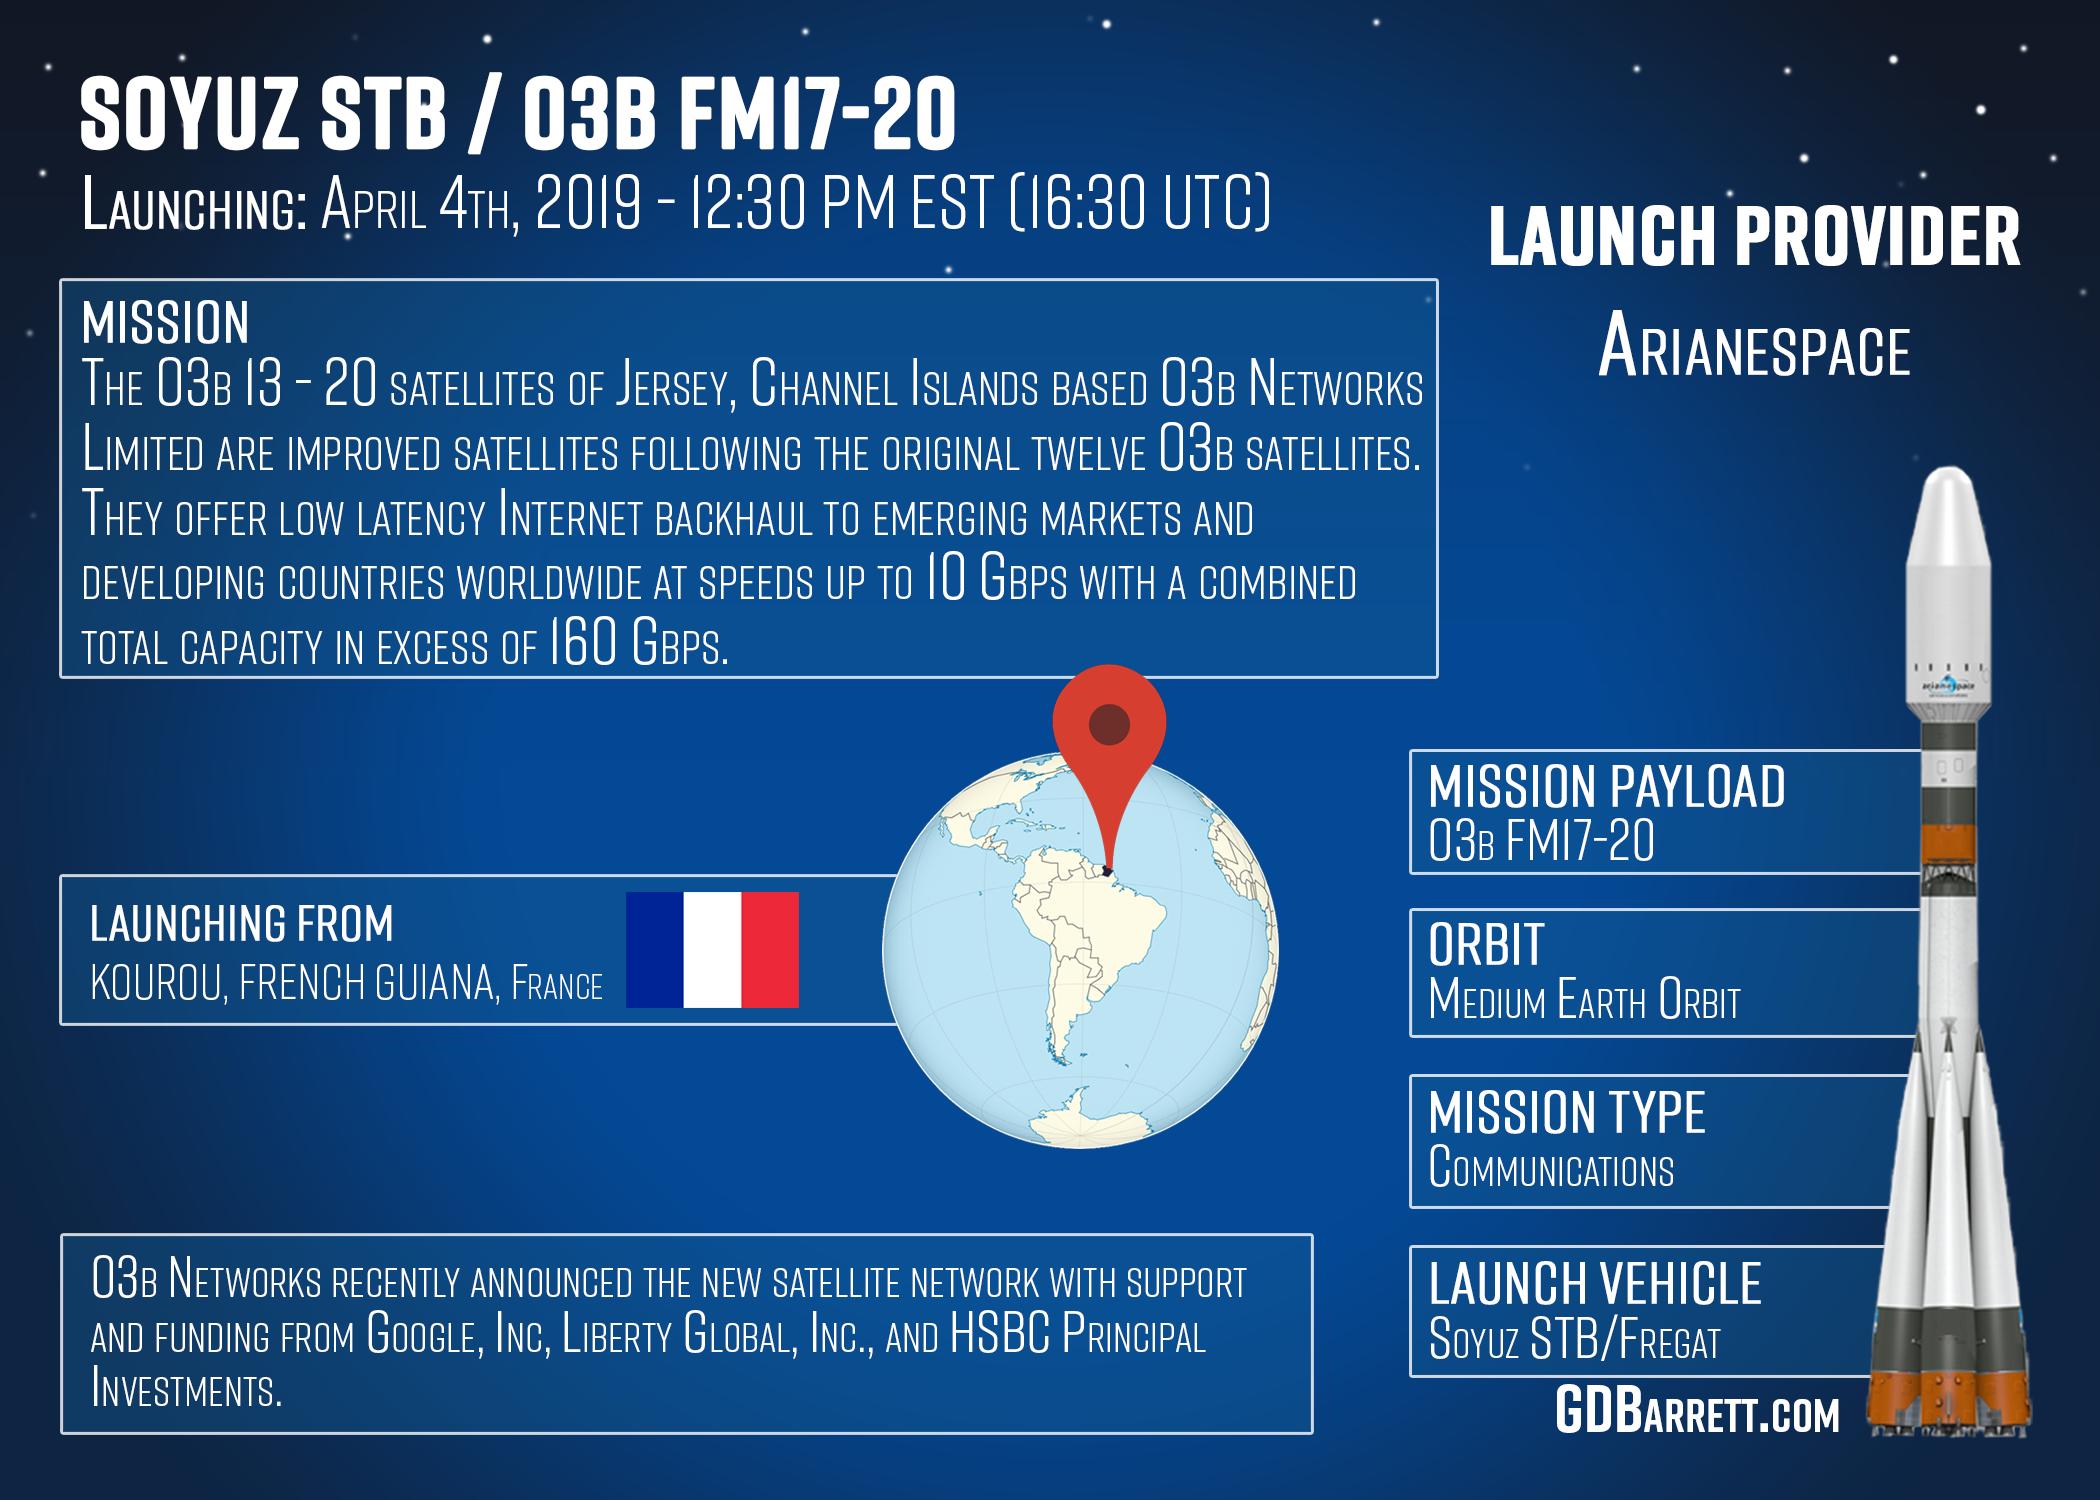 Arianespace Soyuz - O3B FM17-20